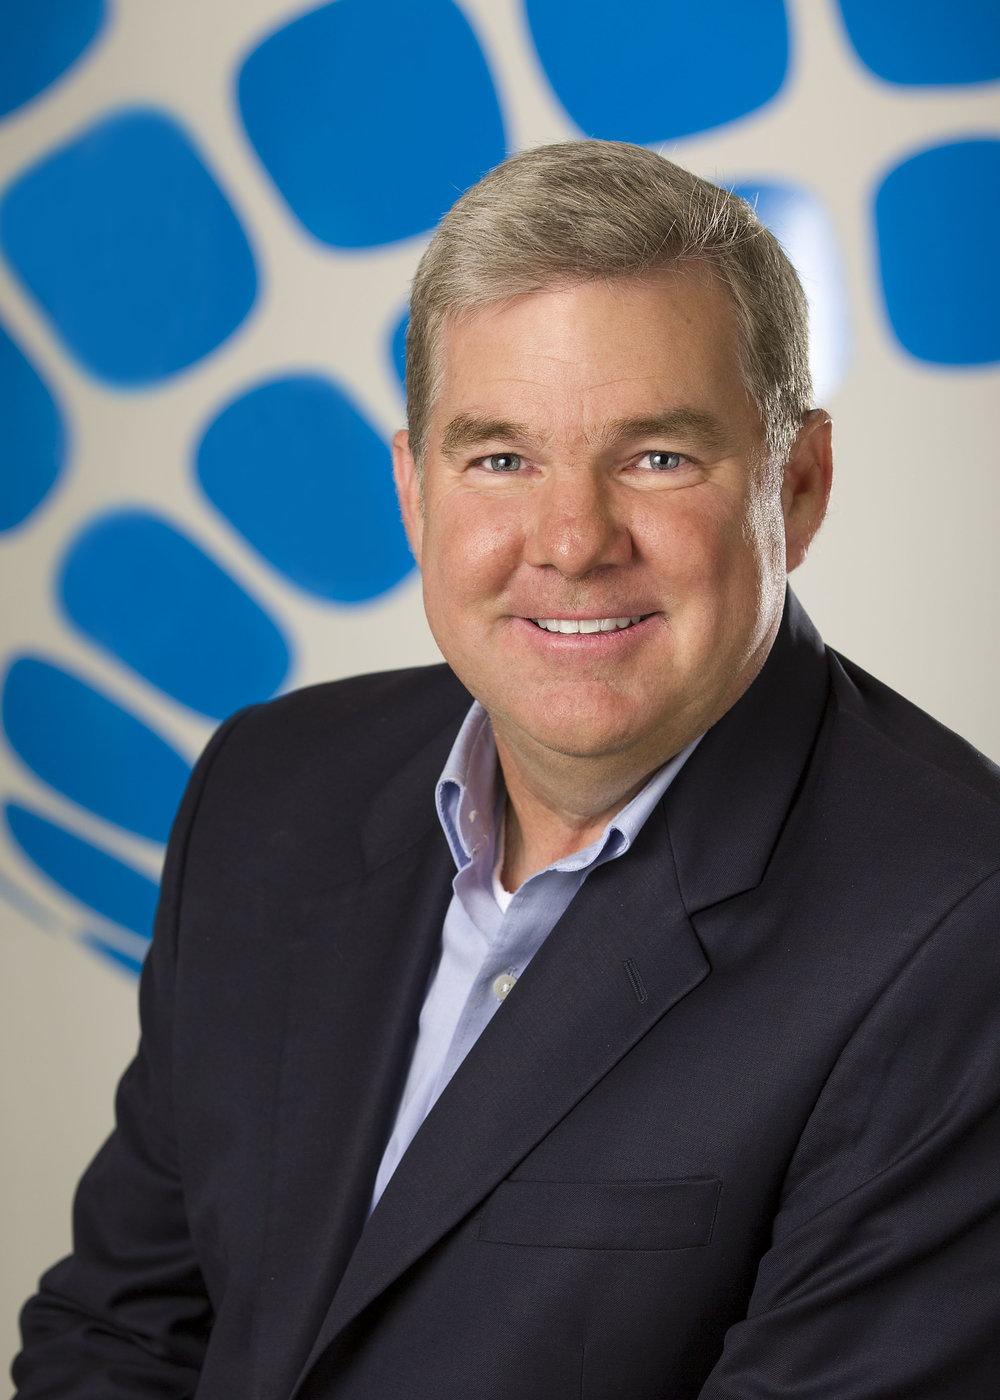 <b>Kevin Fitzgerald</b><br>VP Sales, Netsertive